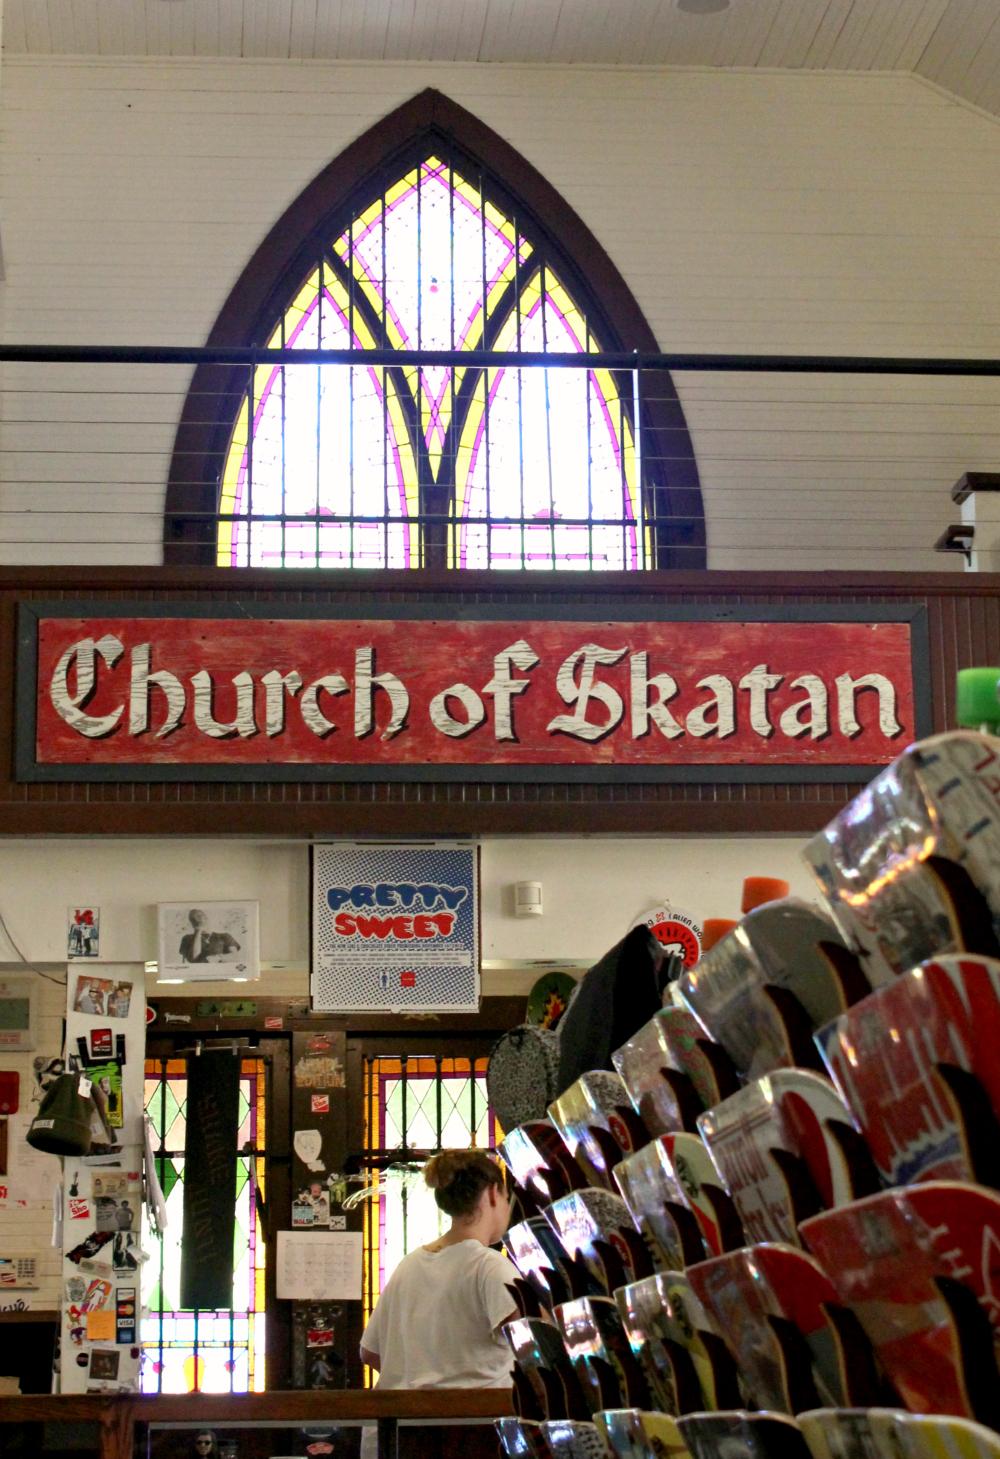 church of skatan / skateboard shop / santa barbara california